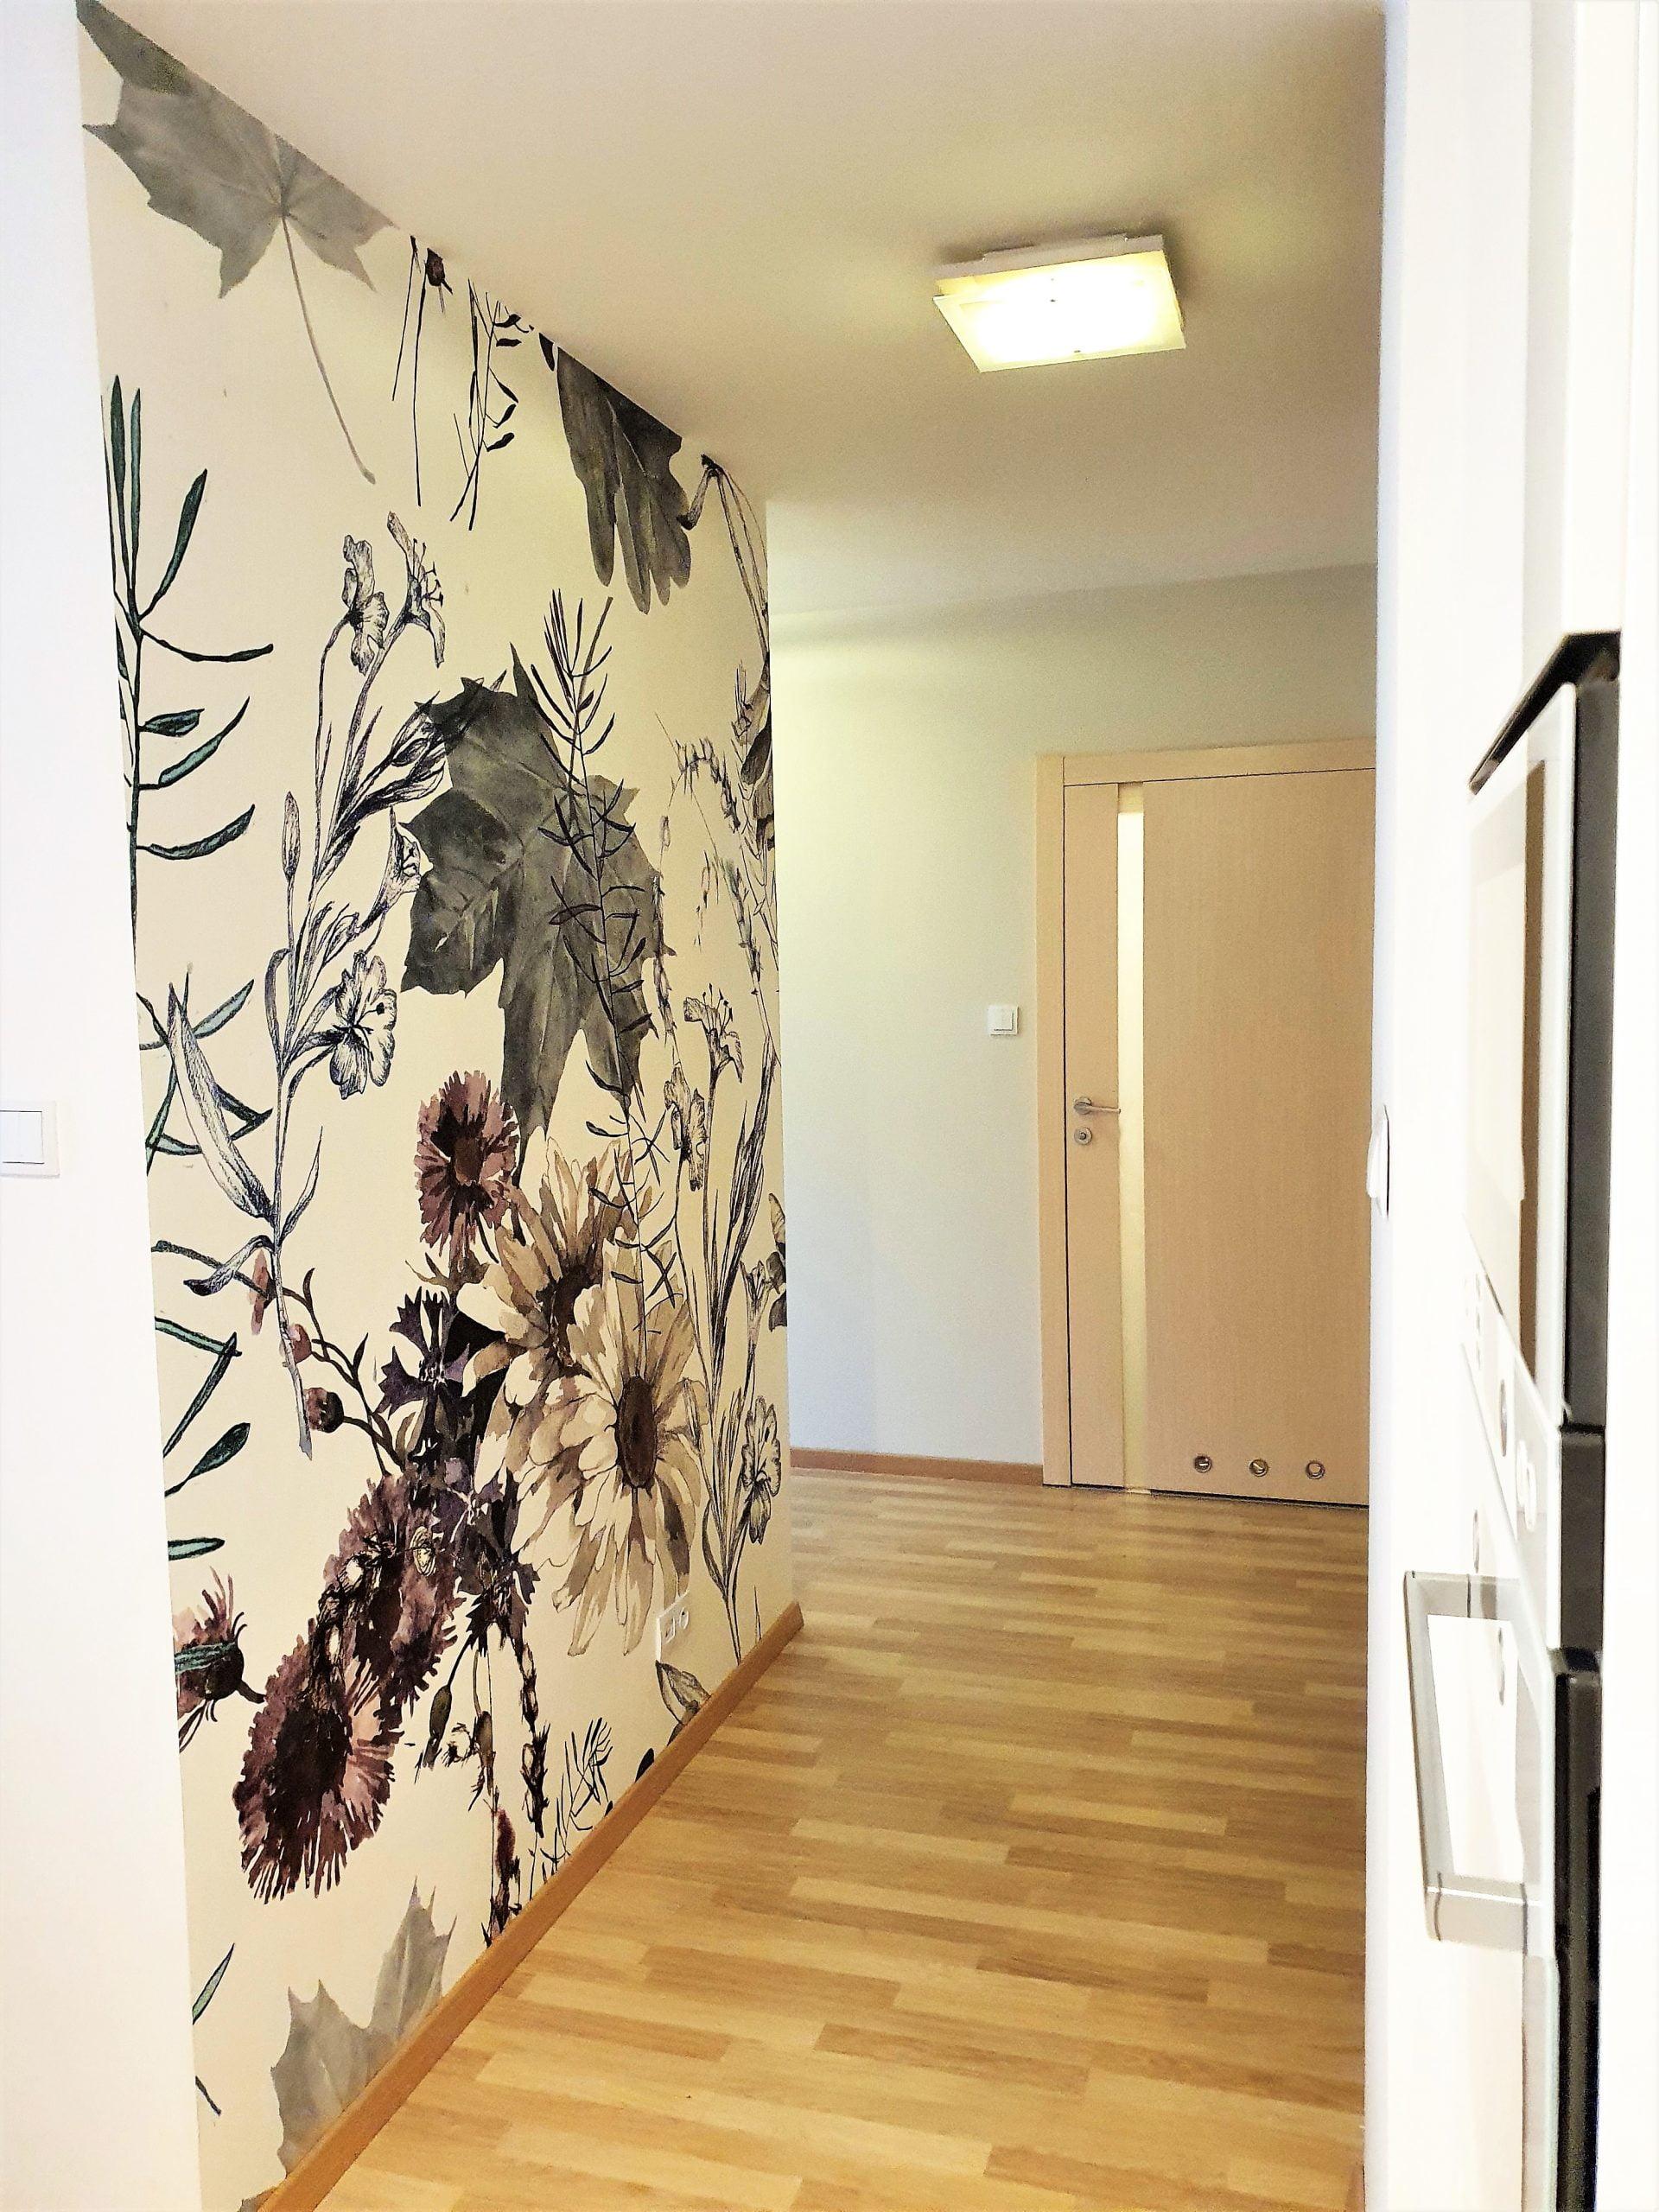 Bojary – Komfortowy 3 pokojowy 68m apartament, winda, garaż i duża piwnica.